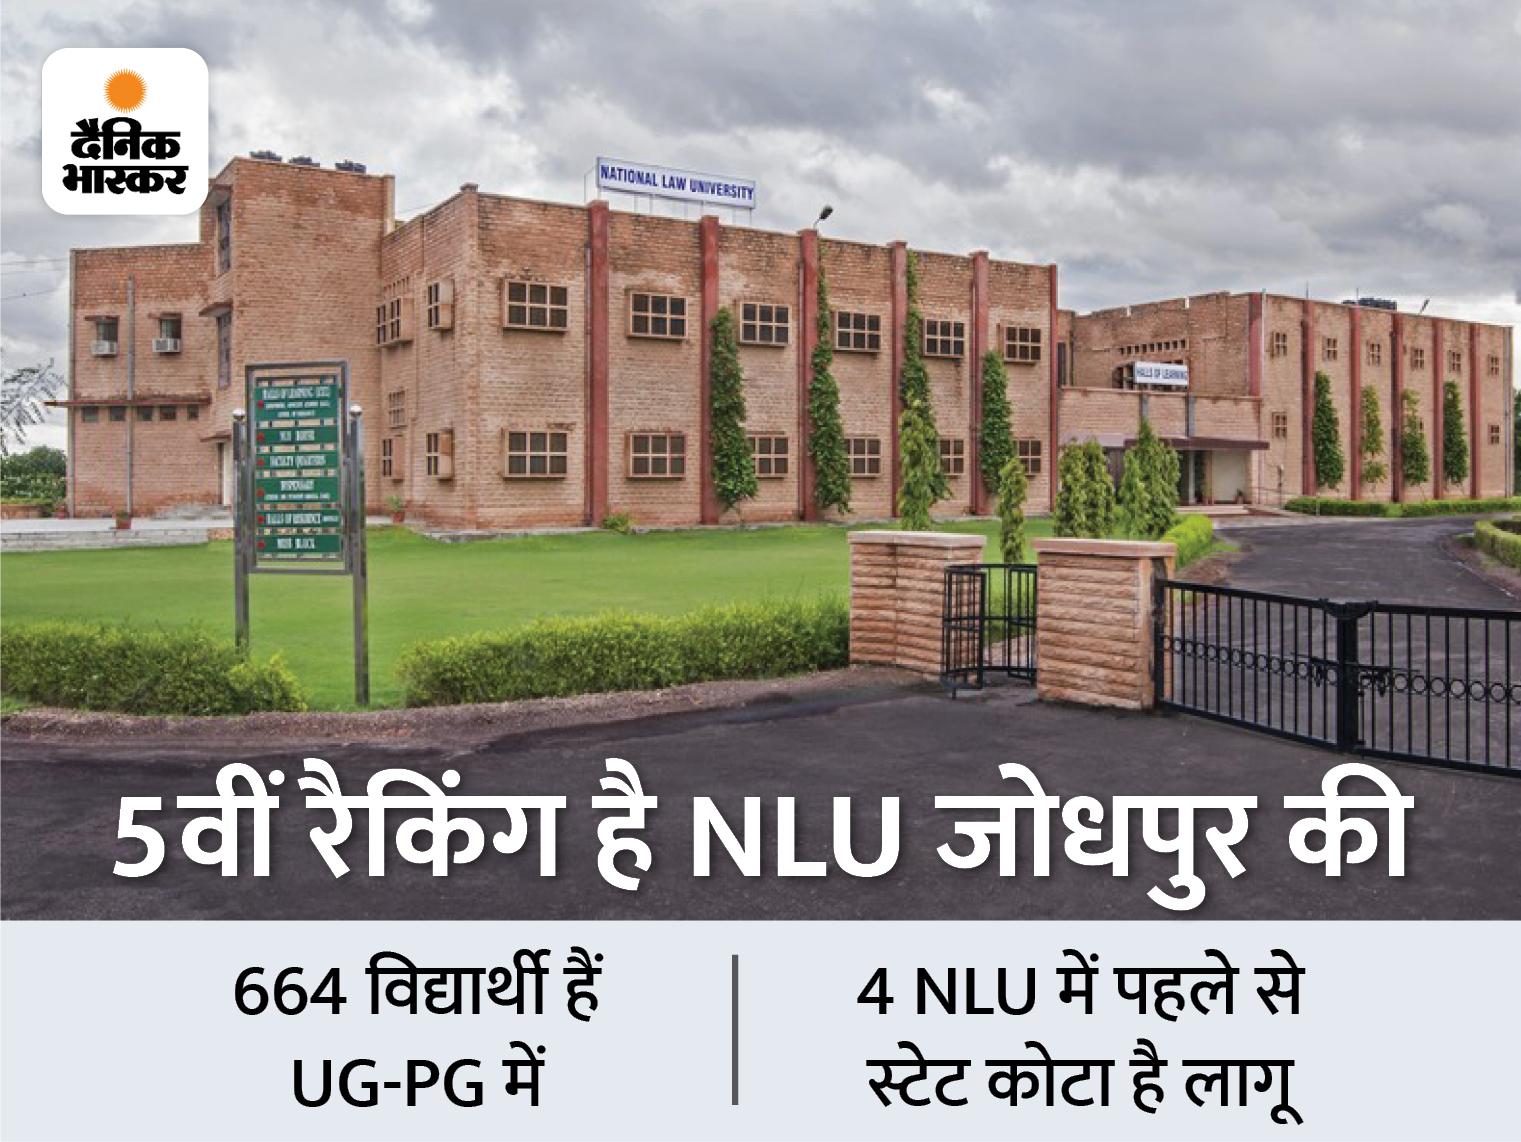 विधानसभा में उच्च शिक्षा मंत्री बोले- प्रदेश के छात्रों को 25% स्टेट कोटा मिलेगा, यूनिवर्सिटी से सहमति पत्र सरकार को मिल गया|जयपुर,Jaipur - Dainik Bhaskar